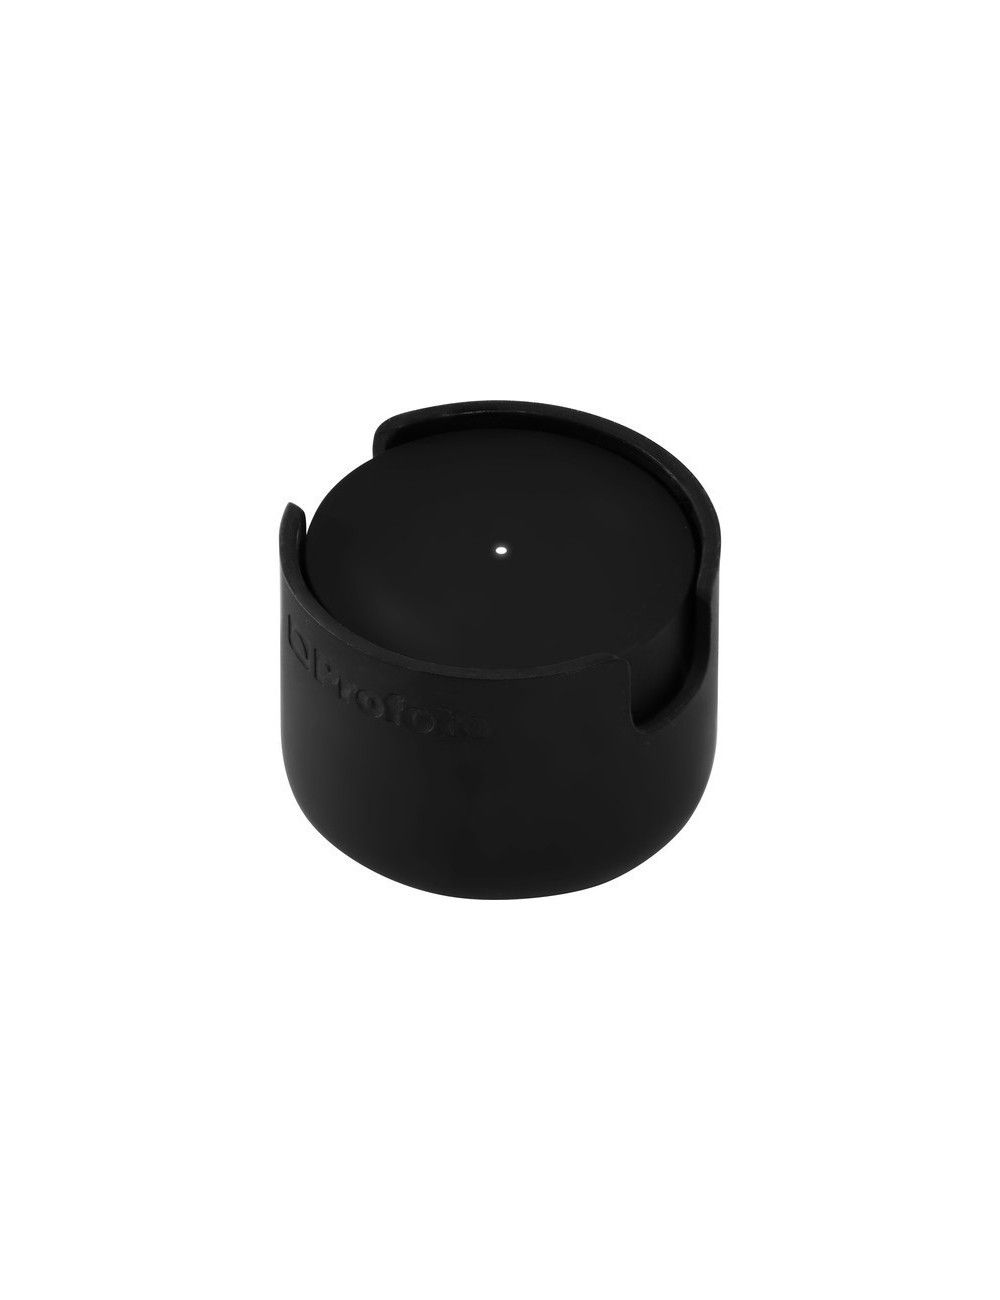 KIT de Monitoreo de grabación en cámara Incluye Micrófono con saluda de audífonos  Saramonic y Audífonos Sennheiser